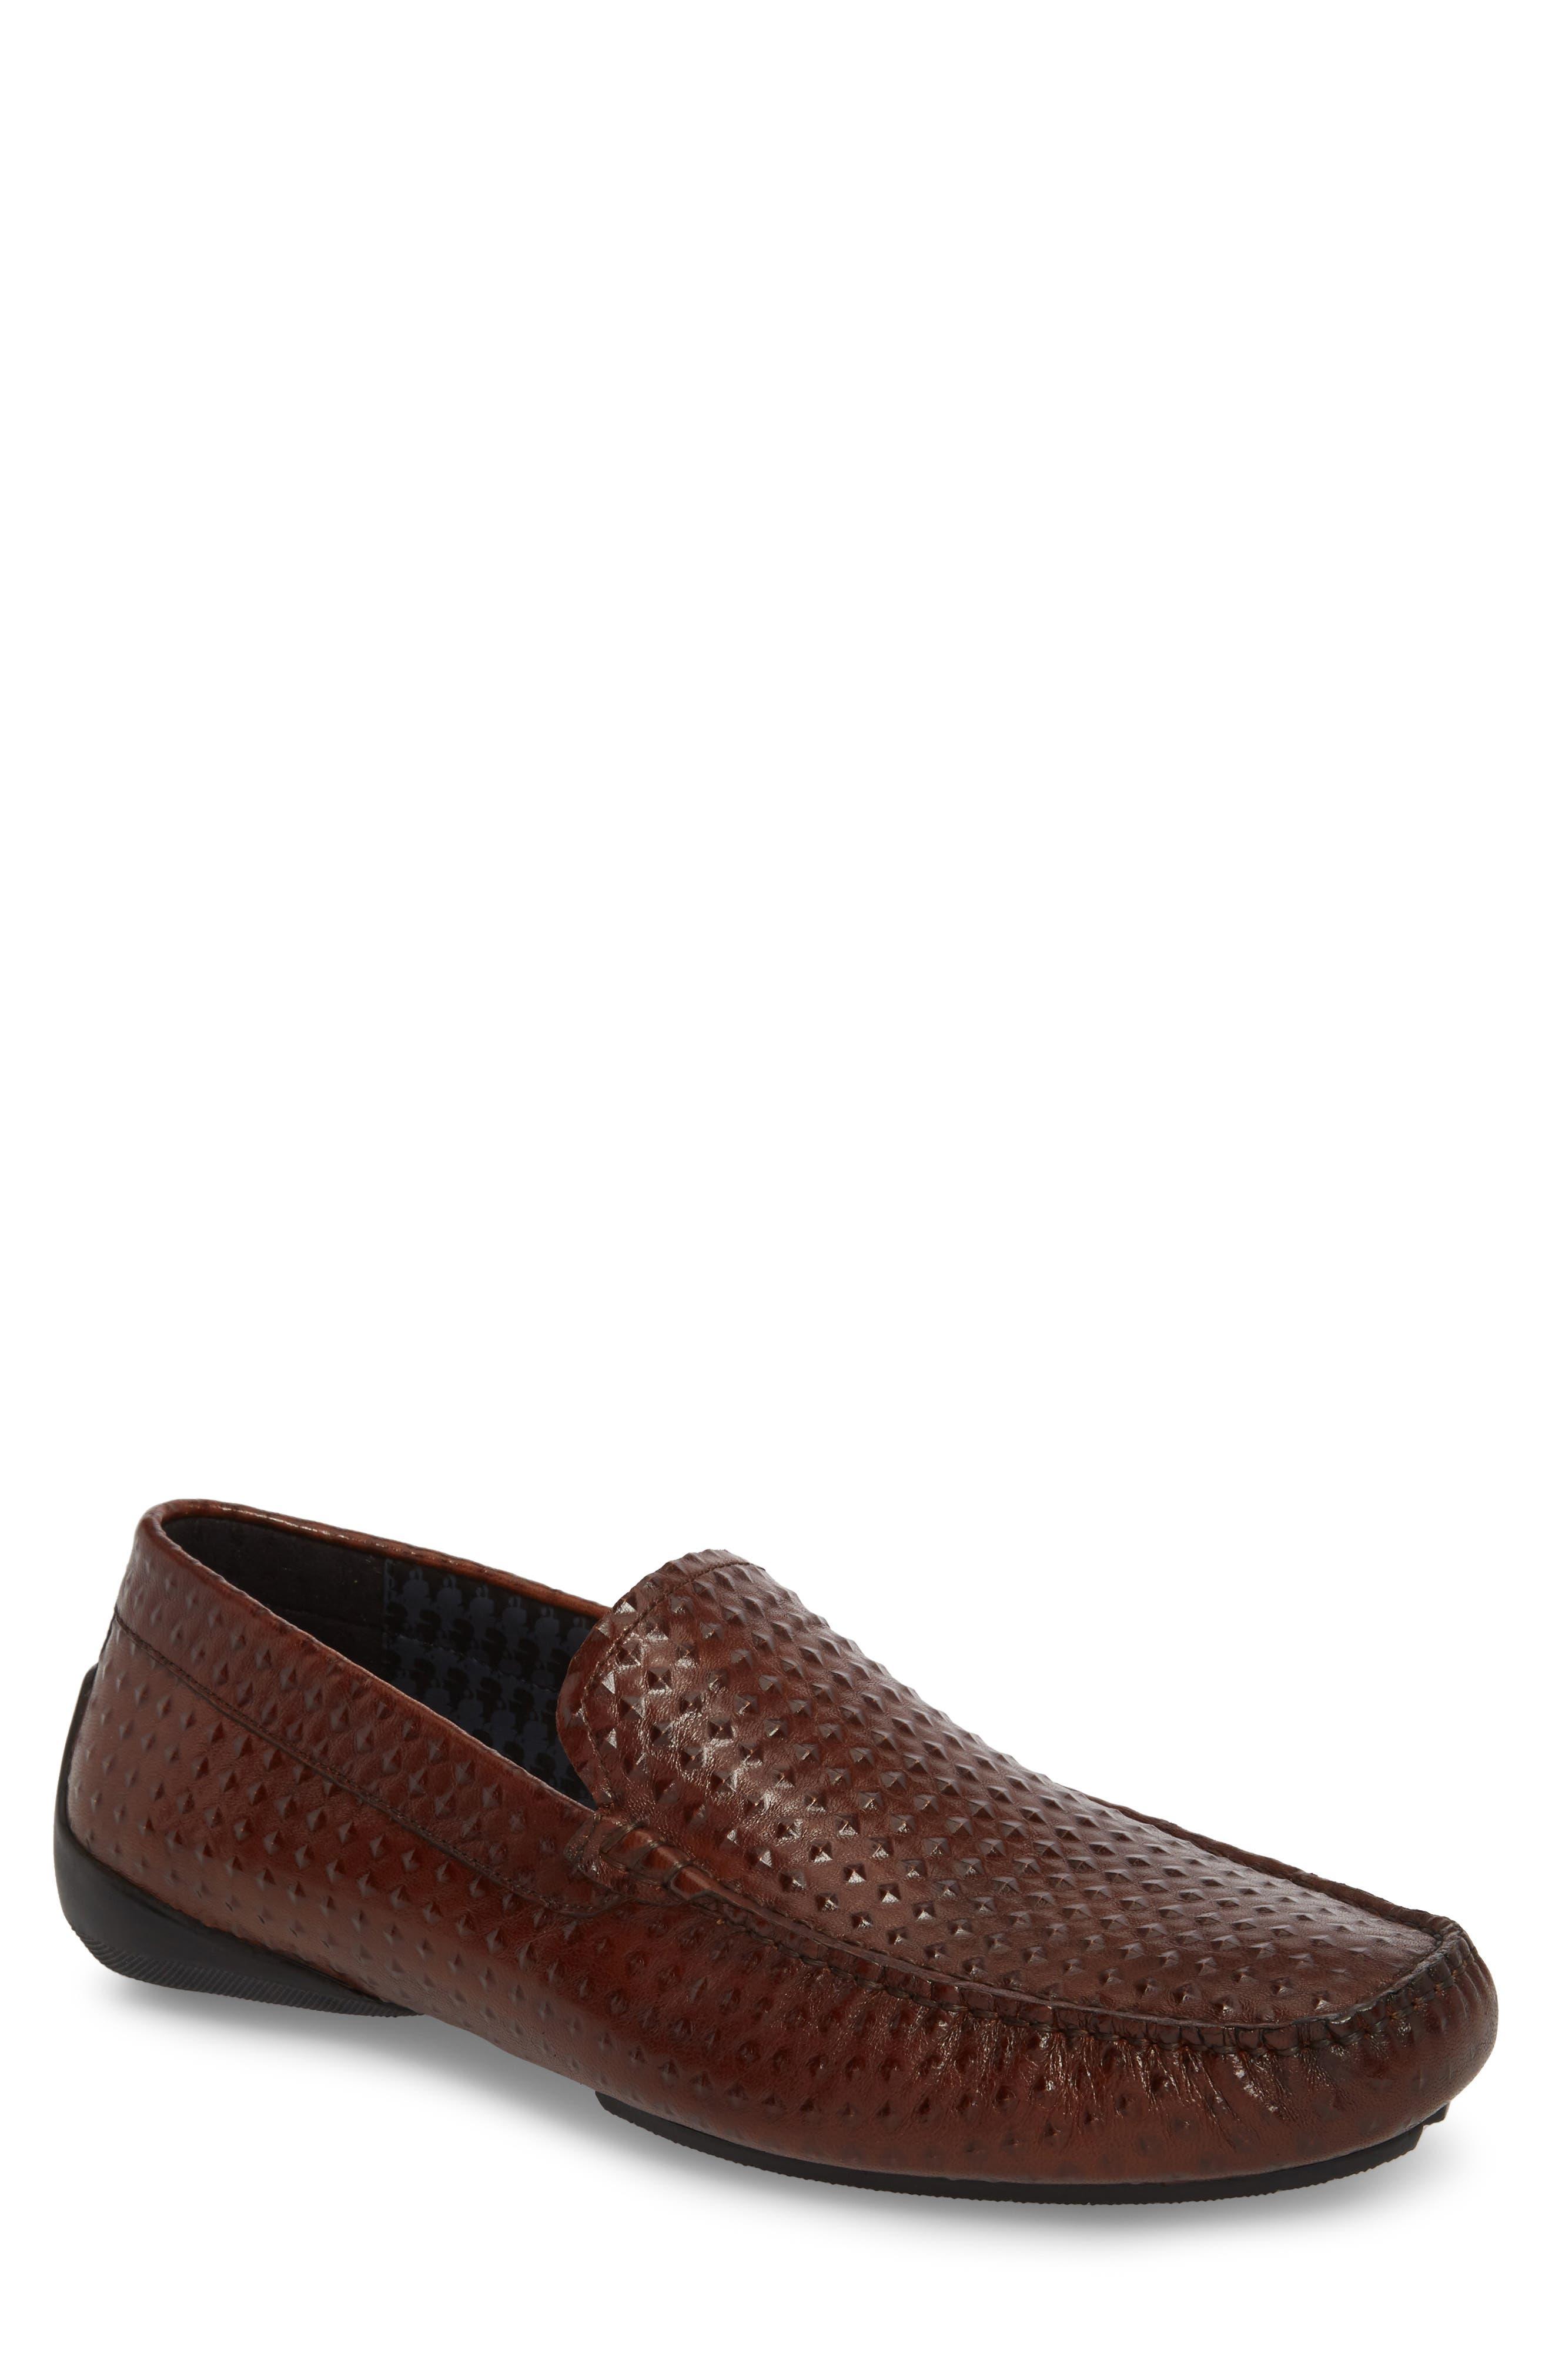 Driving Shoe,                         Main,                         color, Cognac